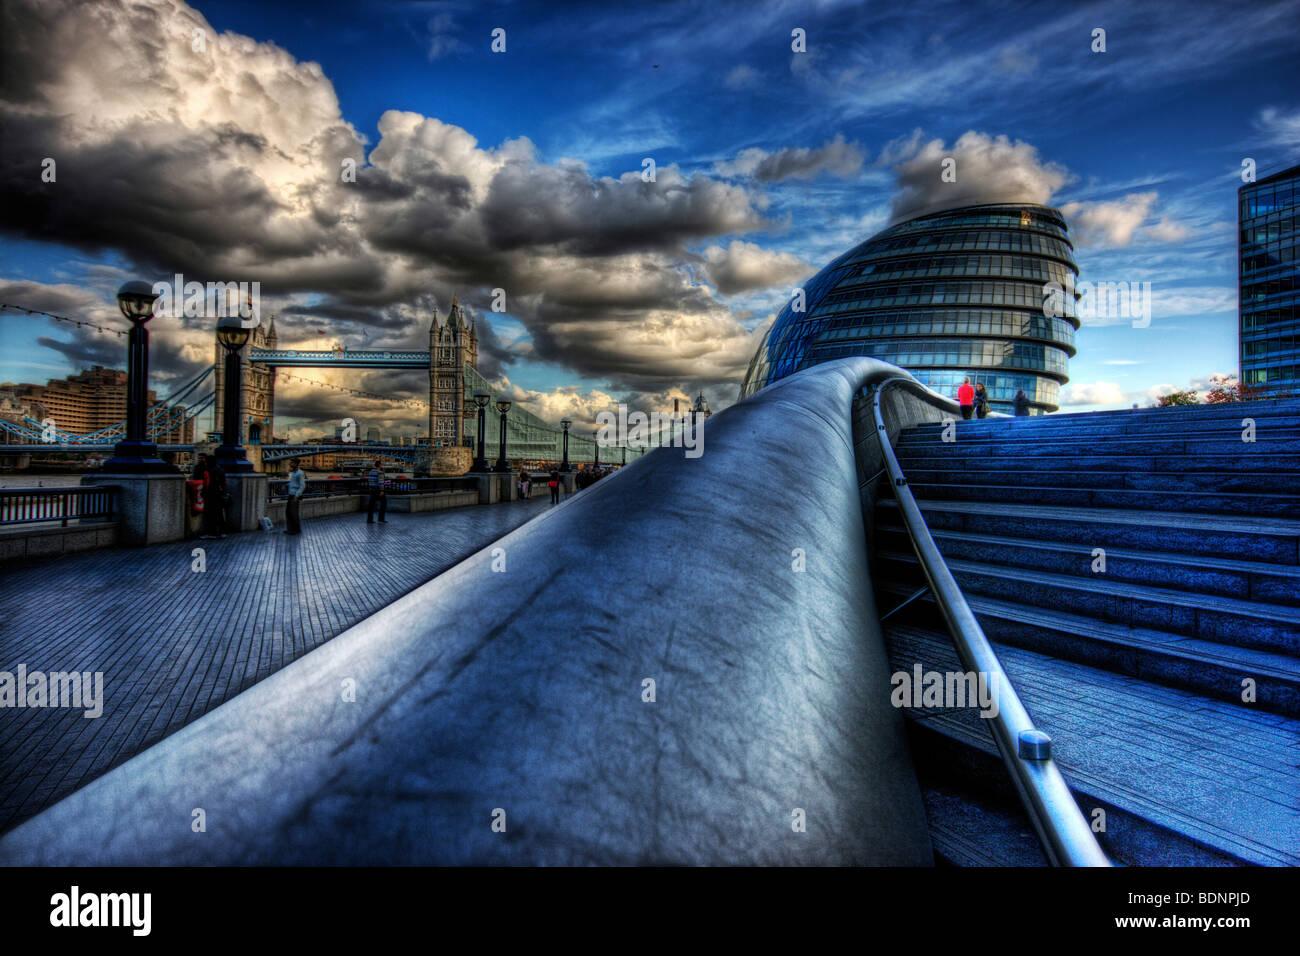 Themse am Flussufer Southbank in Southwark, London City Hall und Tower Bridge mit dramatischen blauen Wolkenhimmel Stockbild